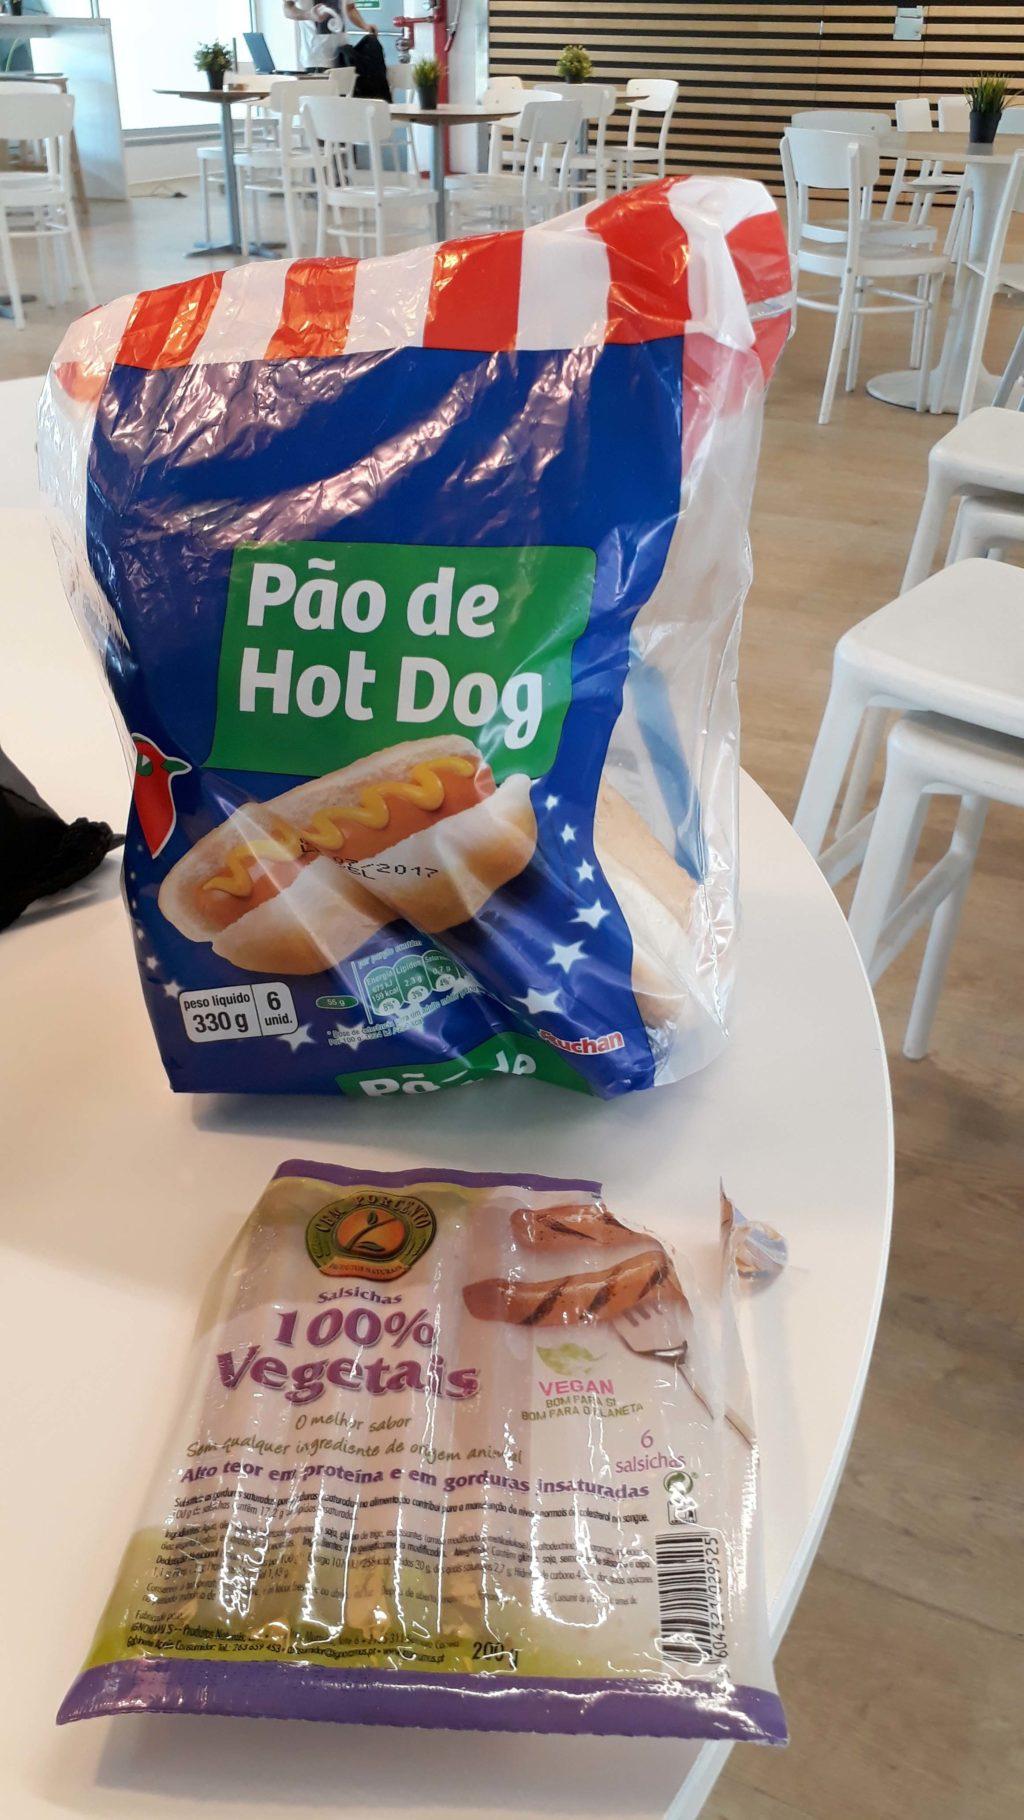 Hot-Dog-Brötchen & vegane Würstchen von Jumbo. Und nein, das ist nicht Ikea im Hintergrund und wir würden auch niemals dort unsere eigenen, veganen Hotdogs zusammenbauen und in der Mikrowelle warm machen...wer macht denn sowas?! ;)